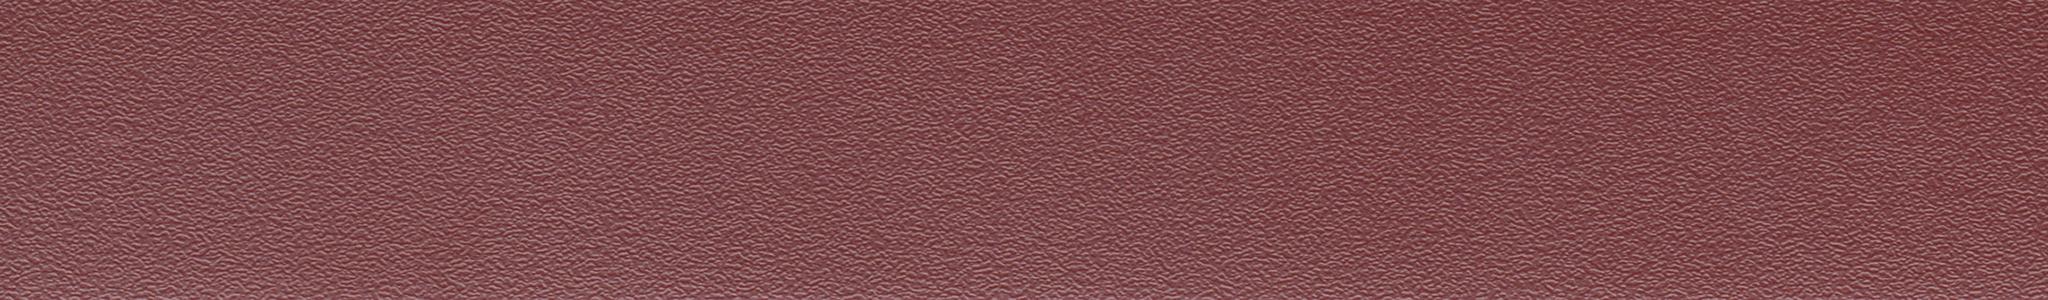 HU 130399 ABS hrana červená perla XG